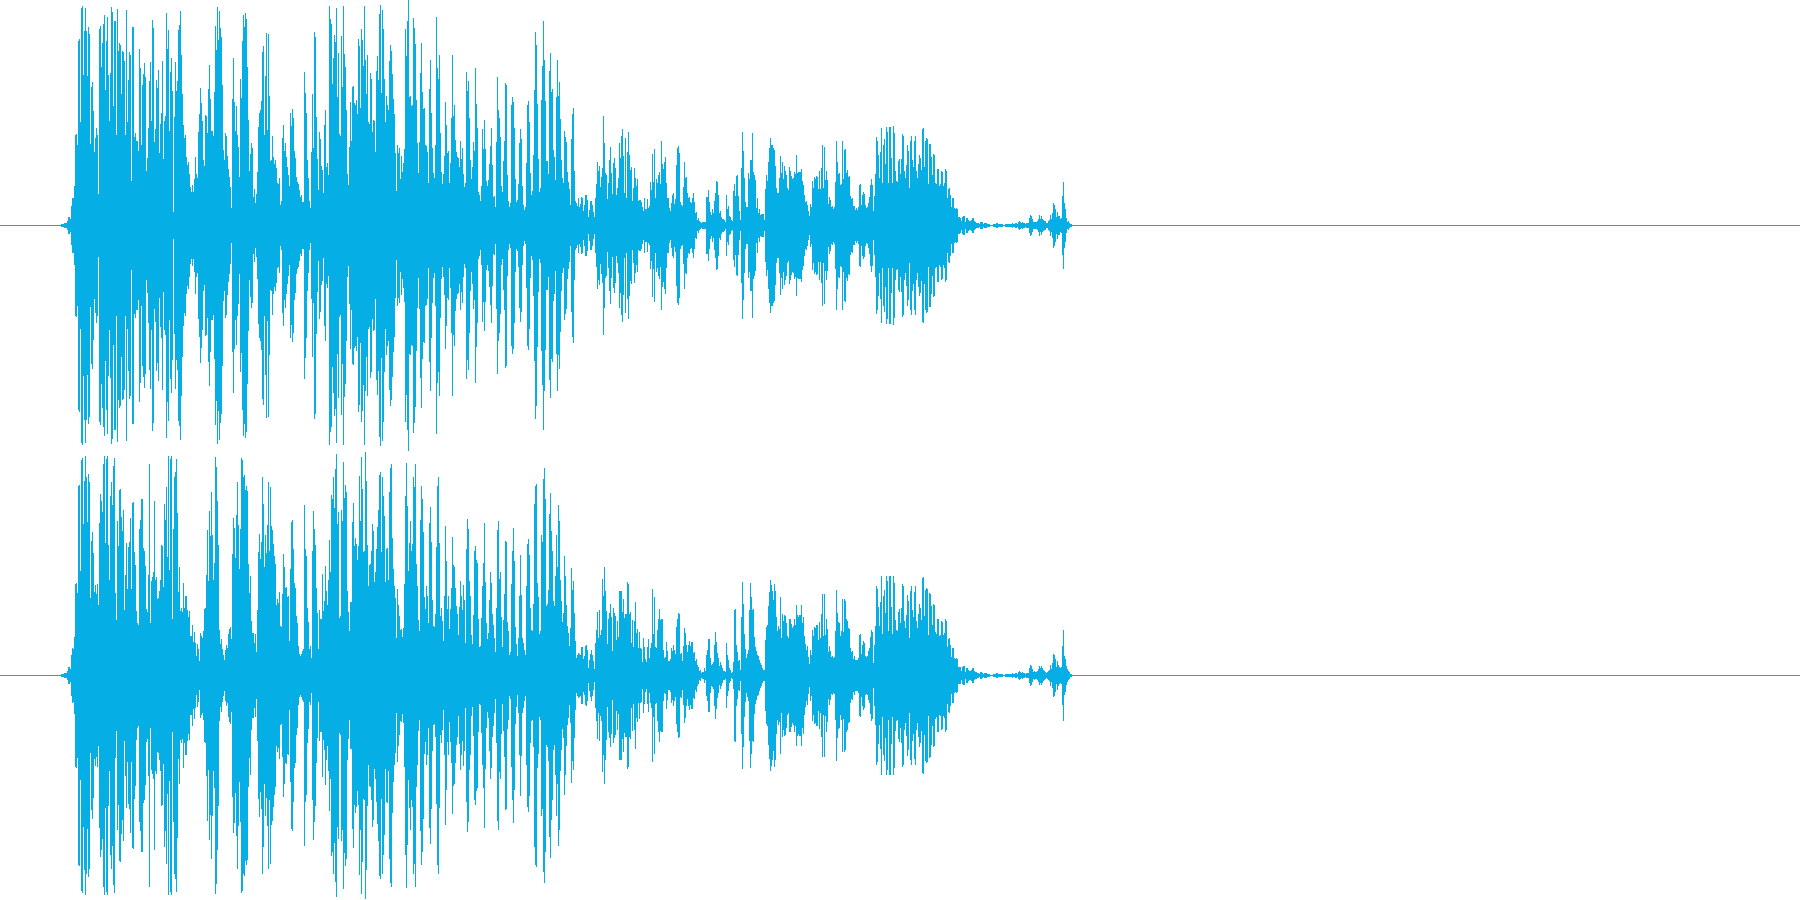 近未来を想像させる音の再生済みの波形